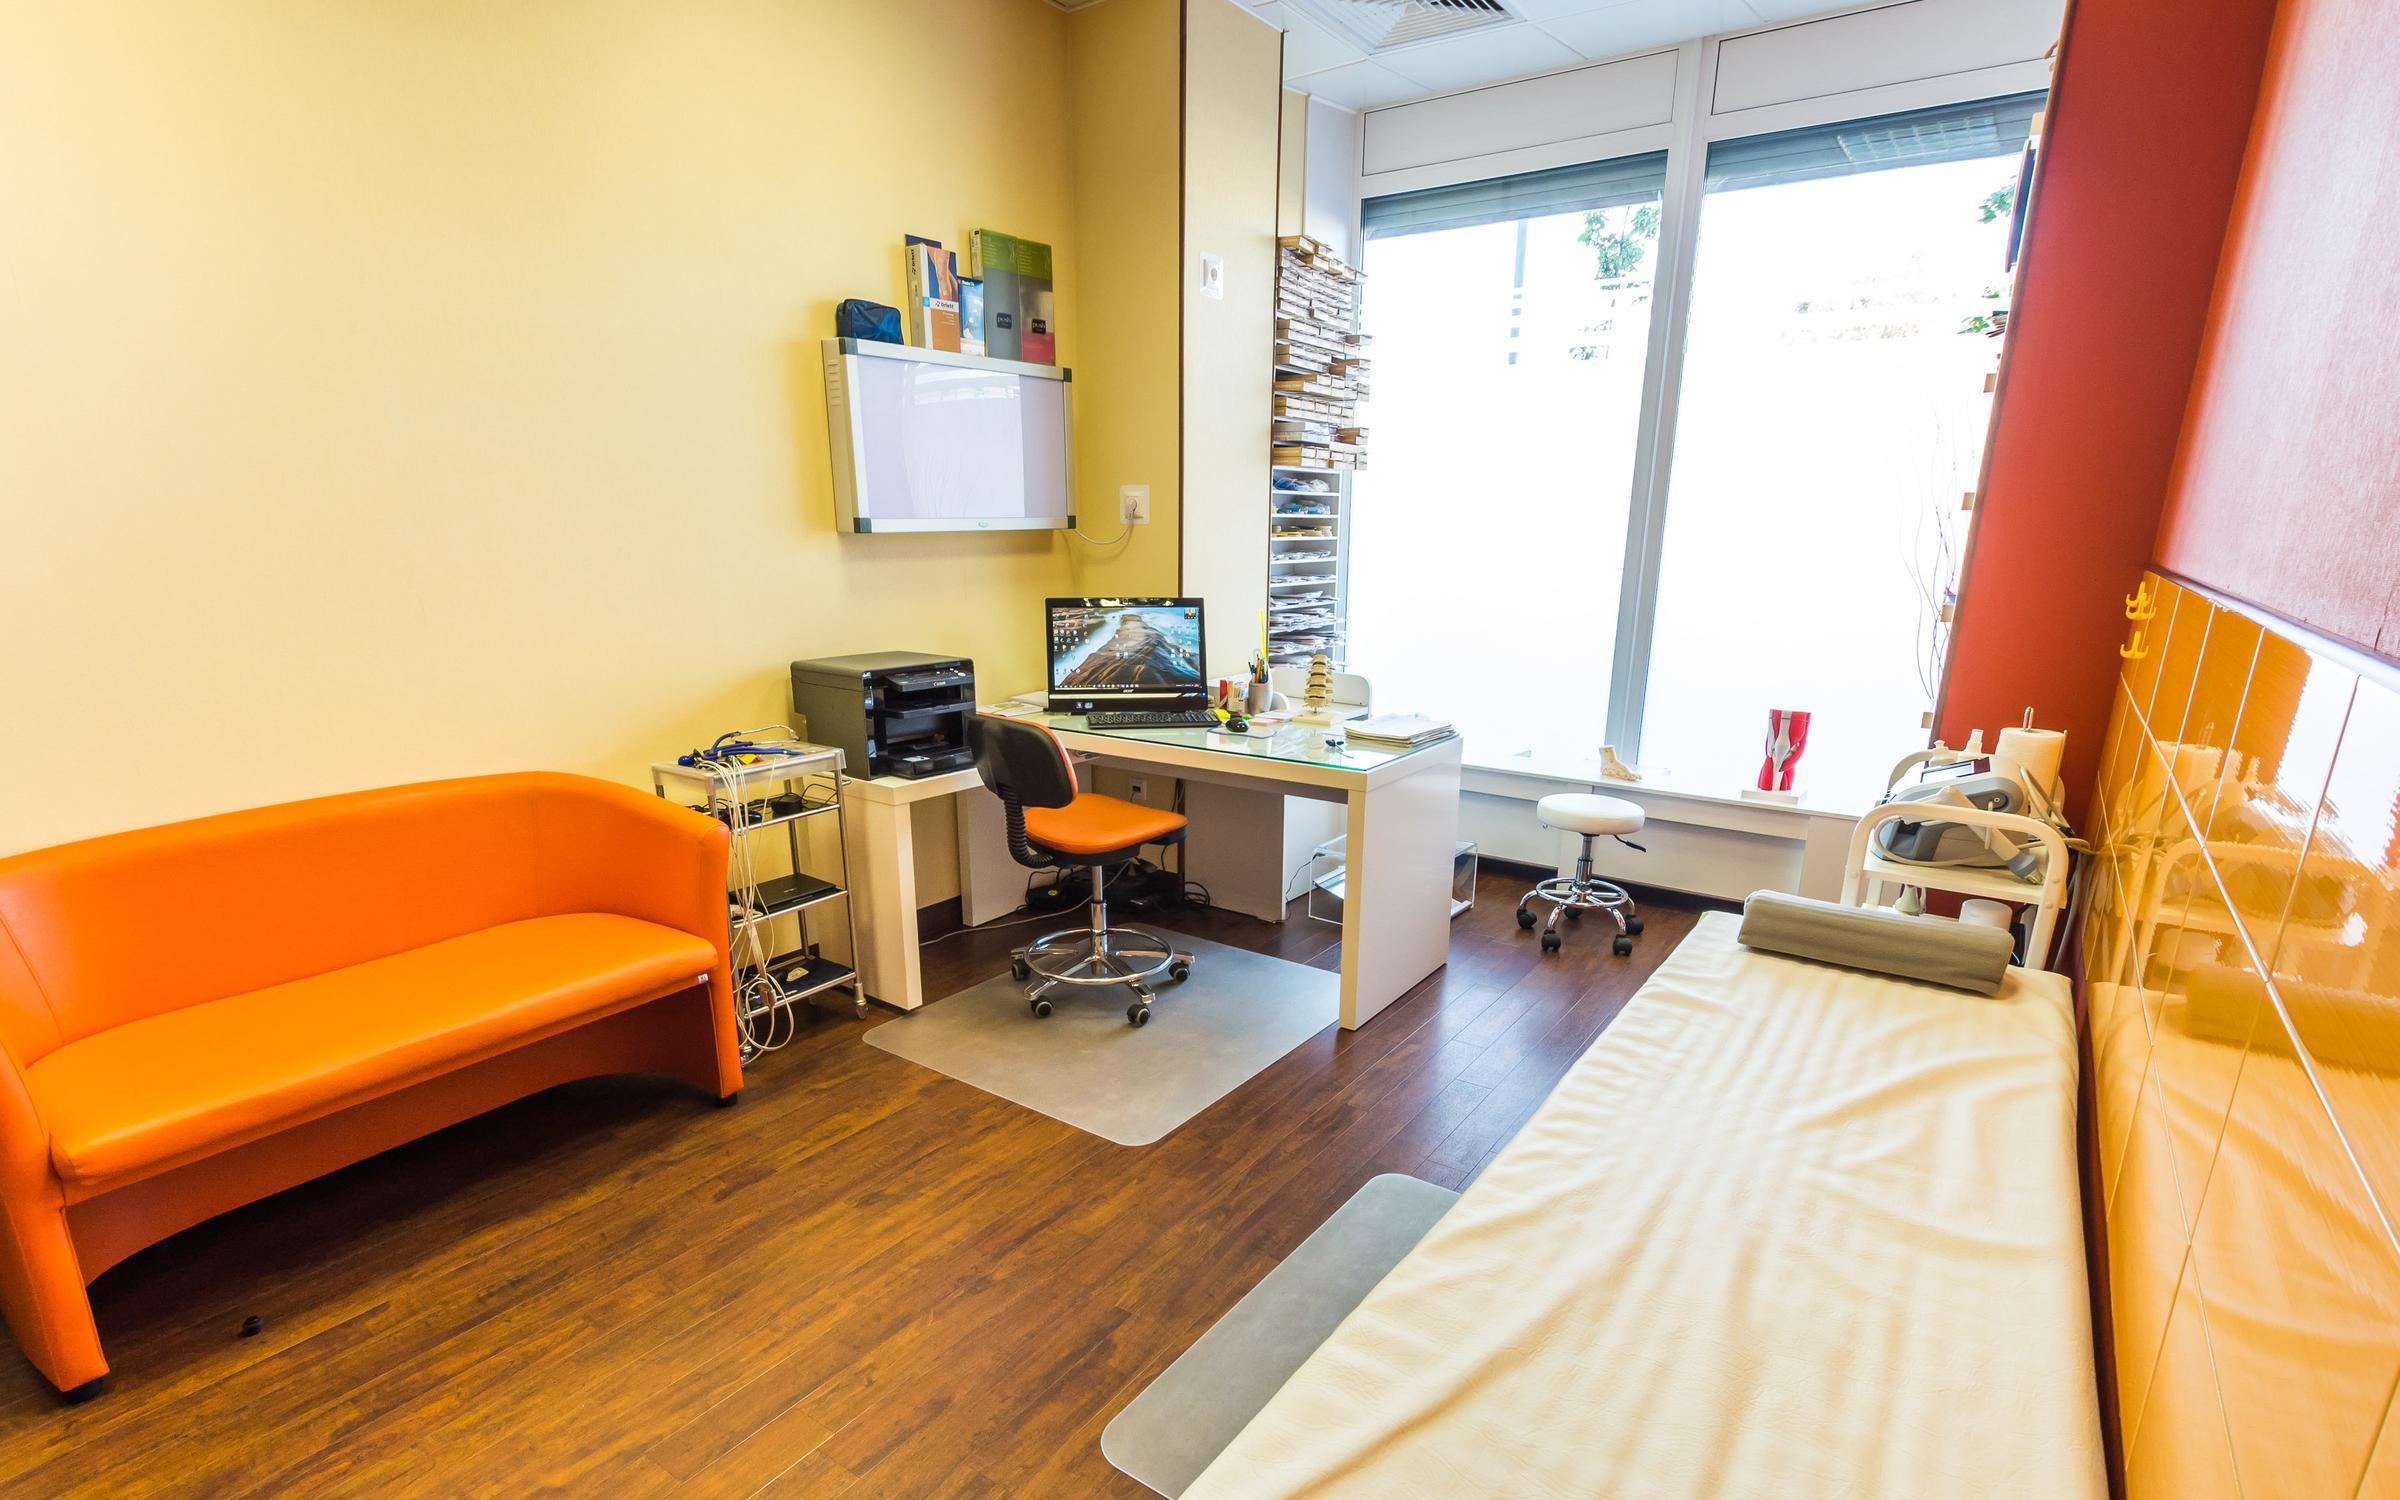 Прайс-лист медицинского центра Новая медицина в Орехово-Зуево на улице Ленина